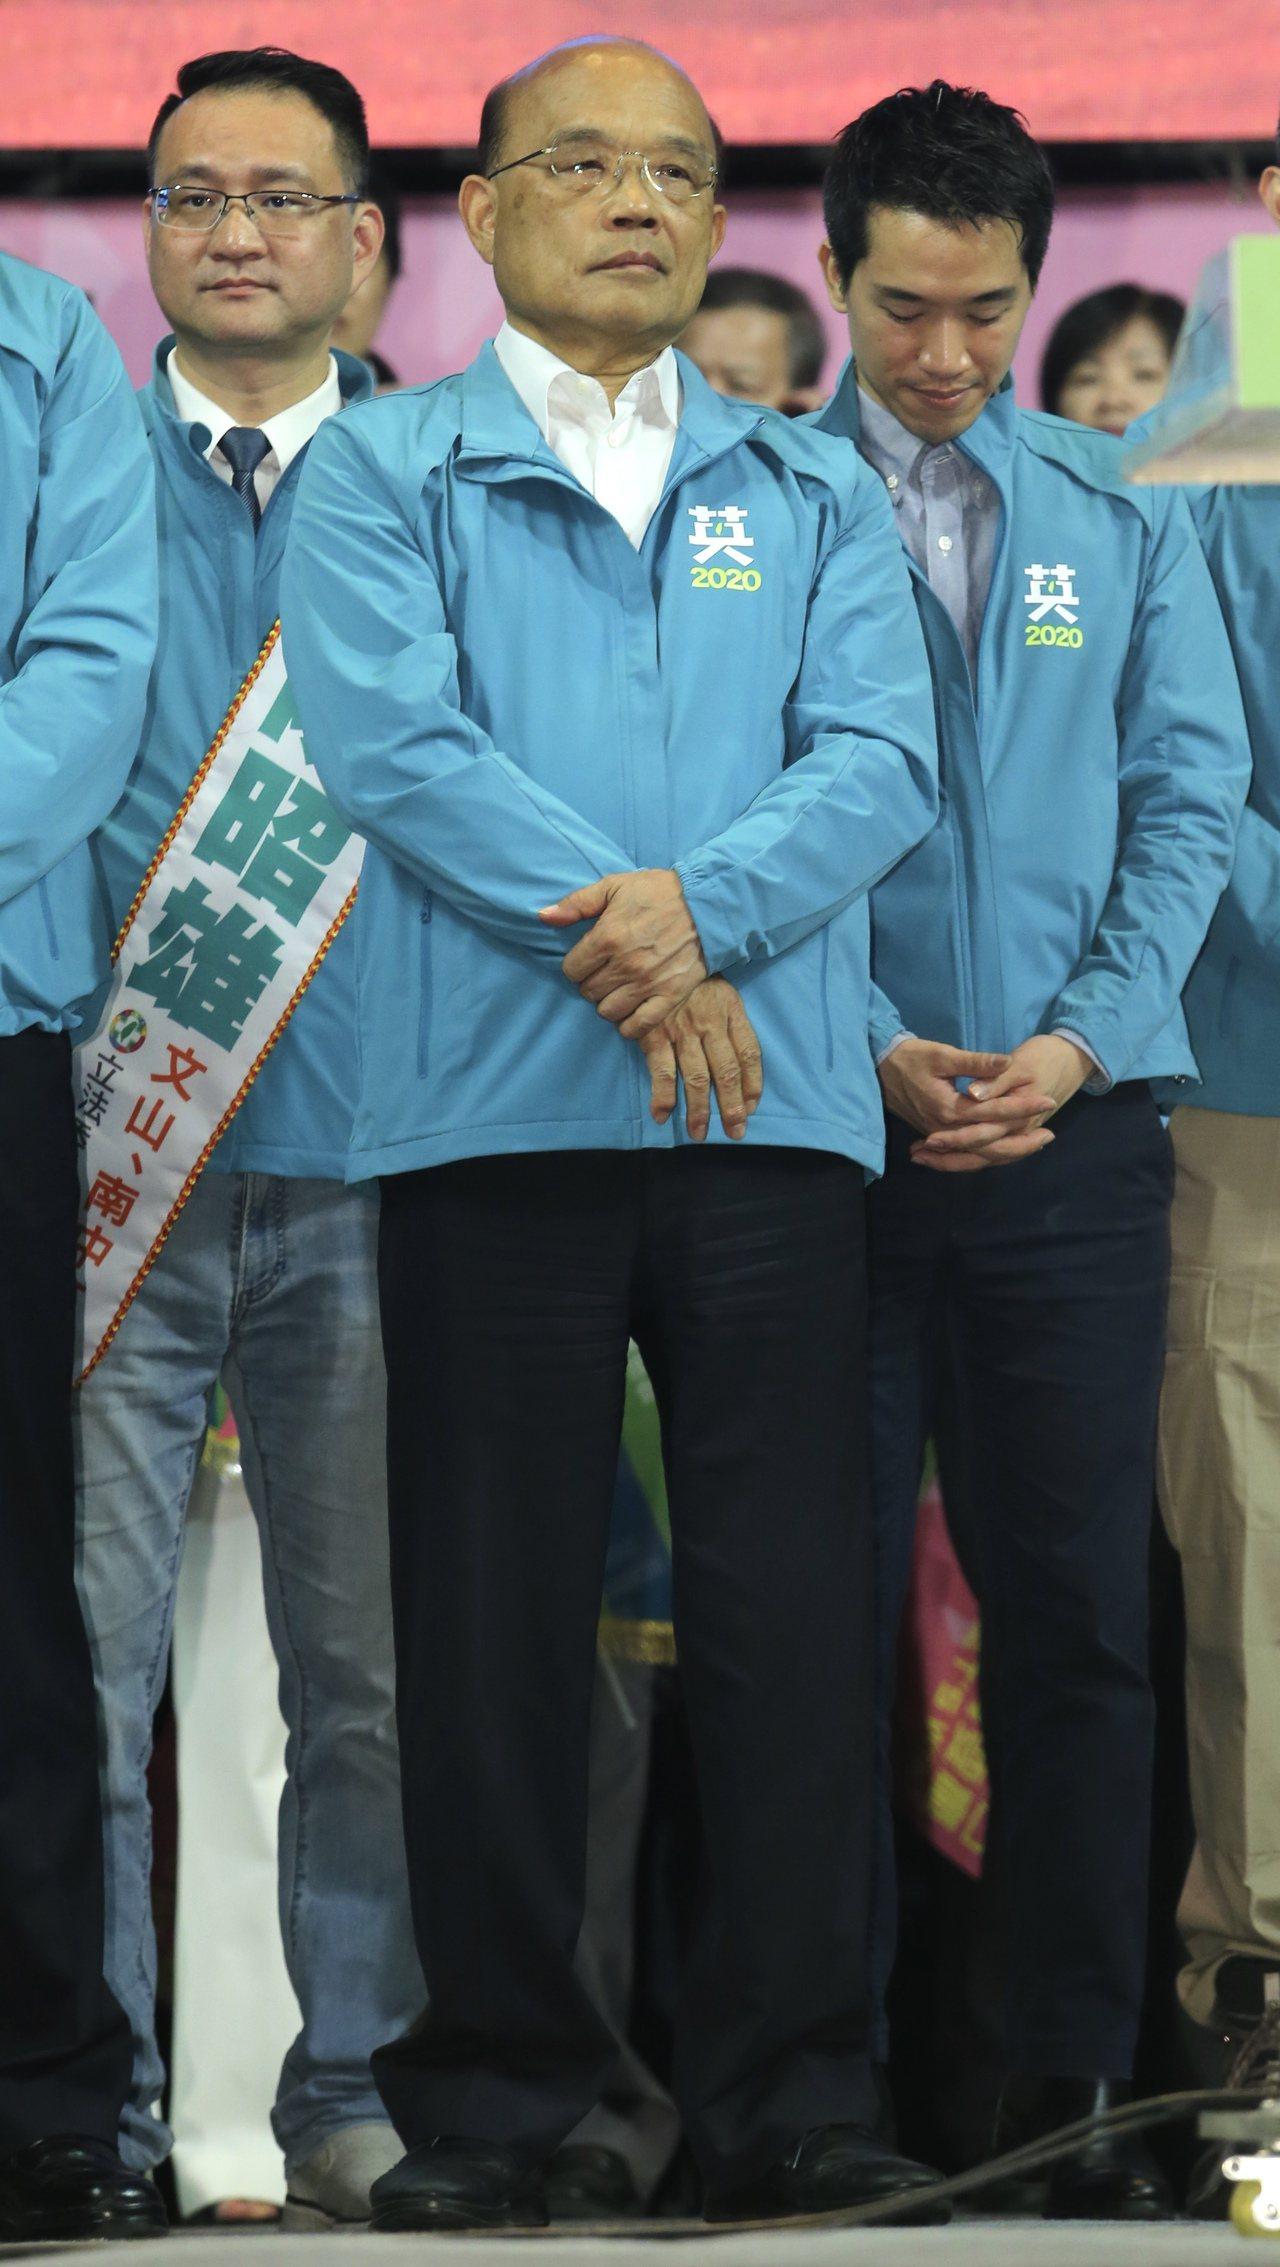 行政院長蘇貞昌(圖)昨天出席蔡英文競選總部成立大會,站在台上的他臉部表情僵硬,而...